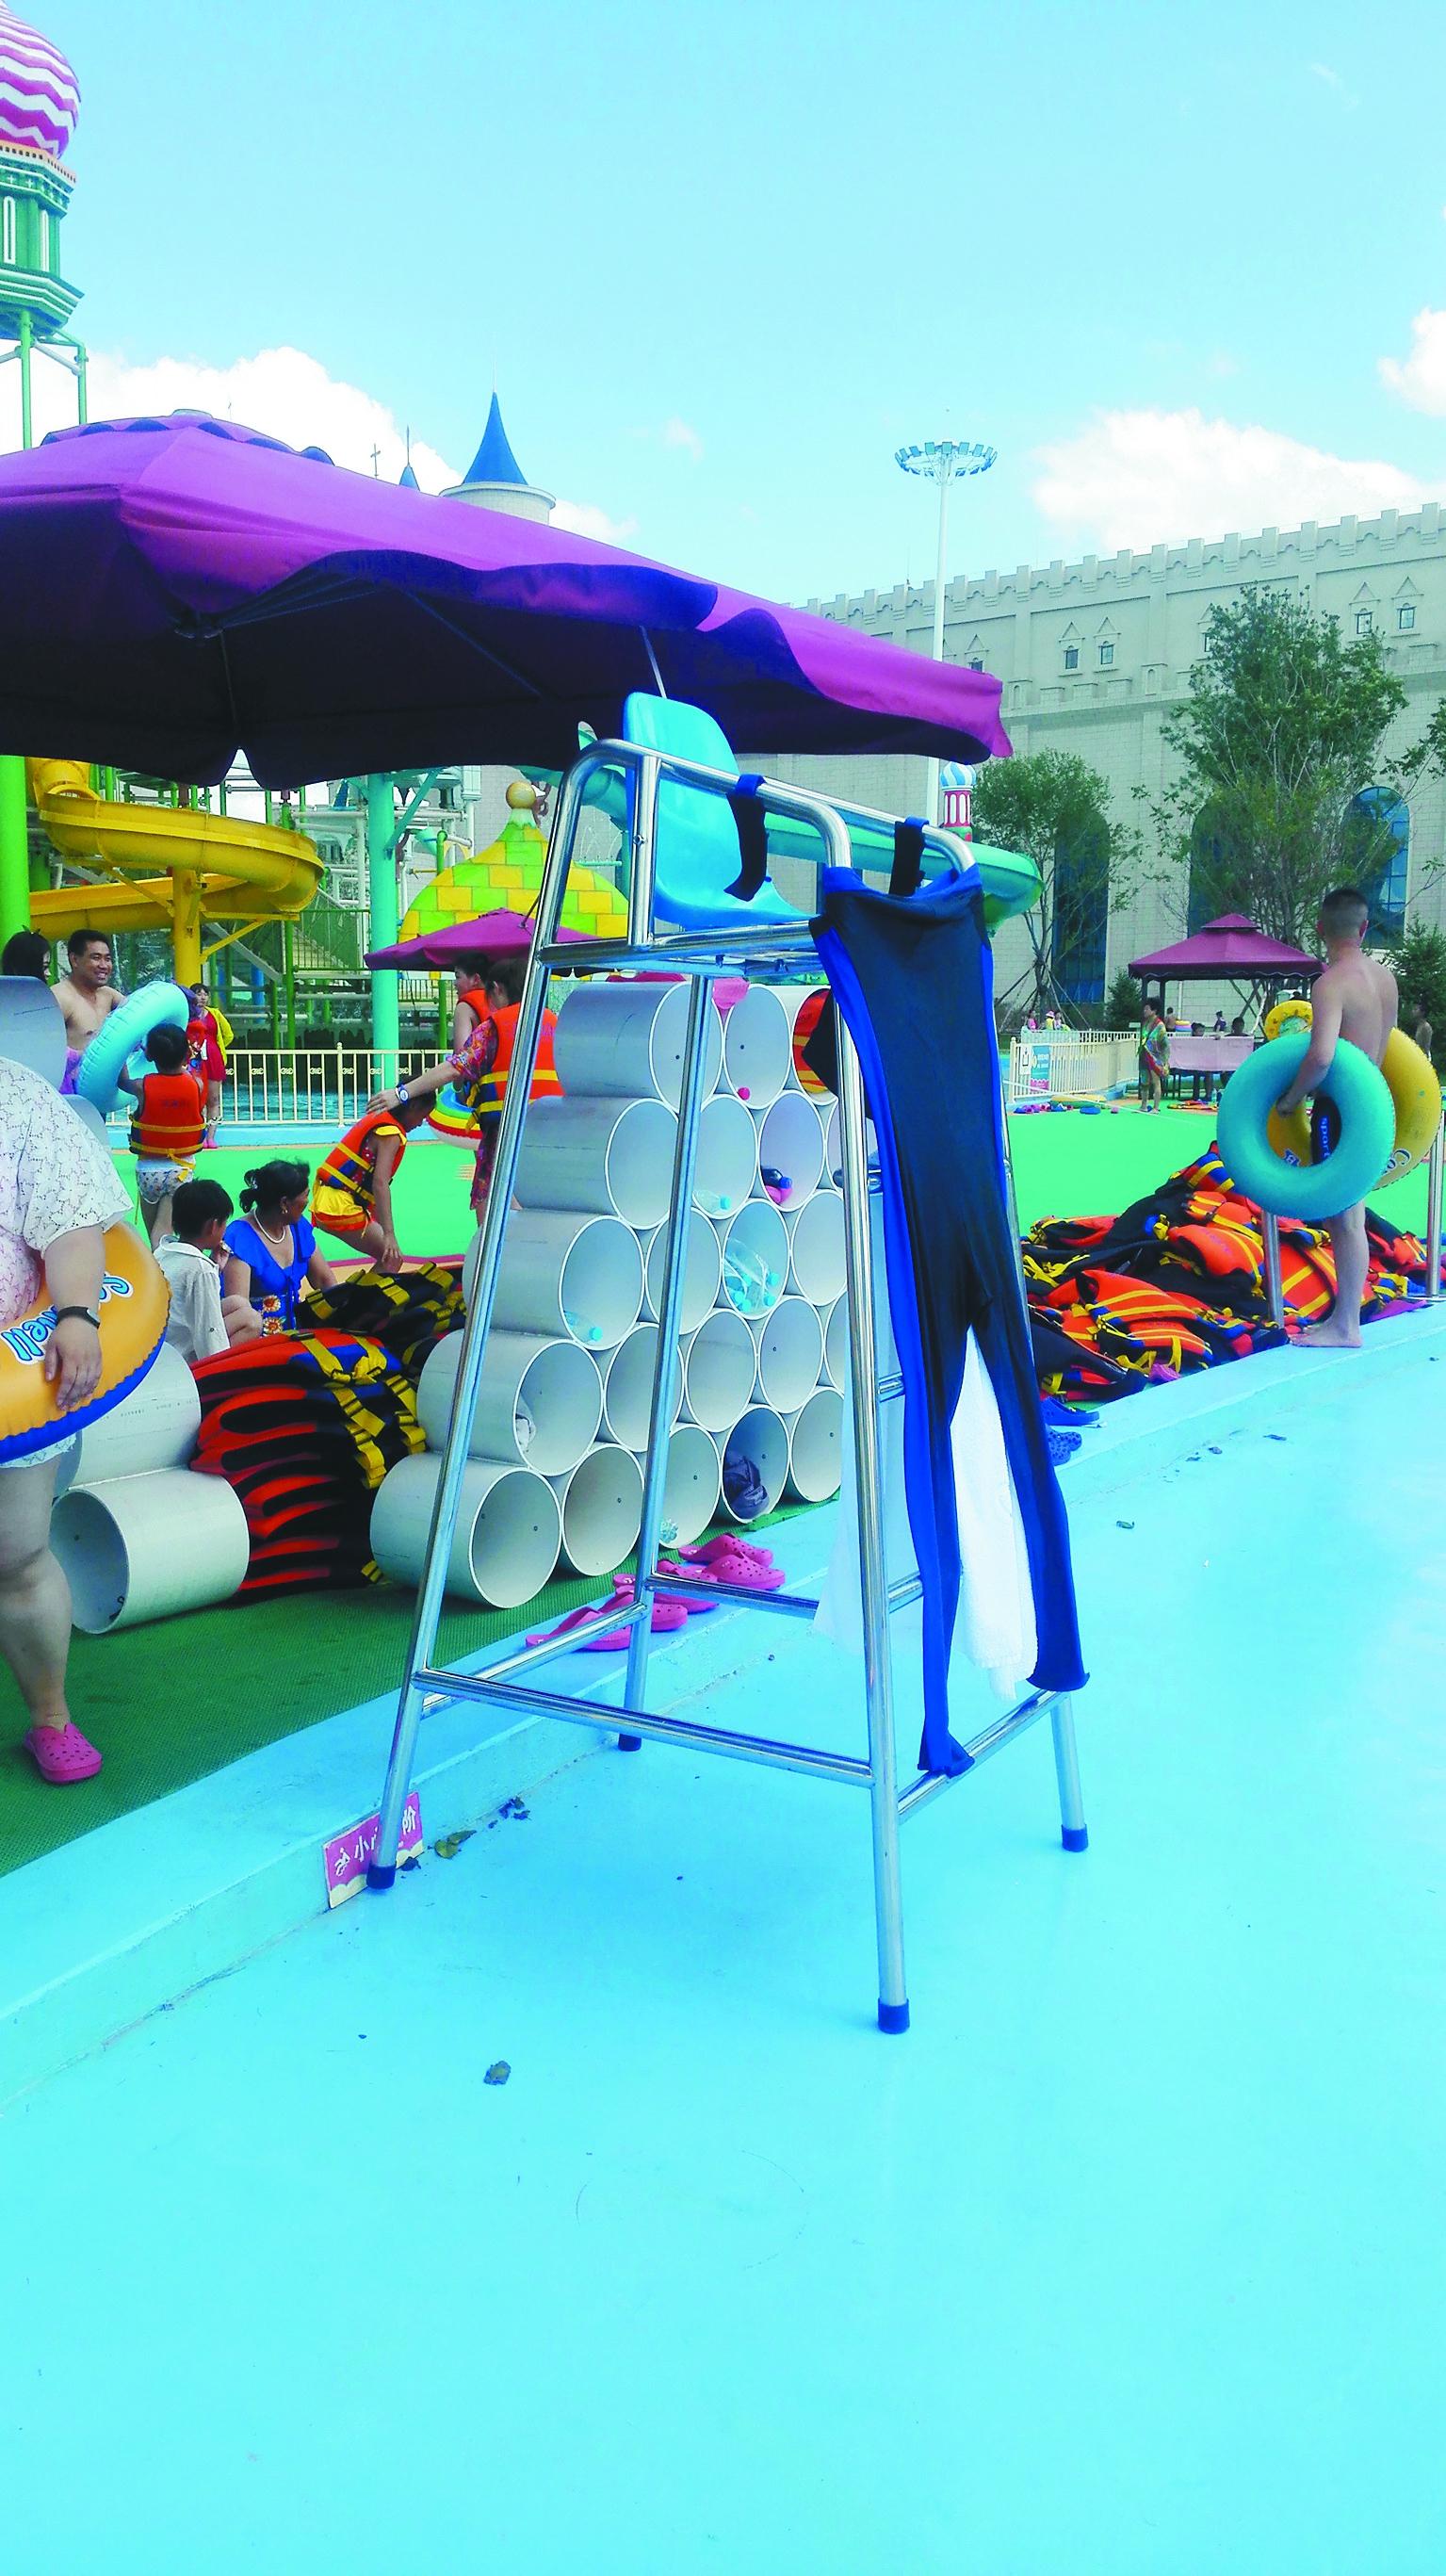 哈尔滨美丽岛温泉水世界存多处安全隐患 救生员了望椅上无人守